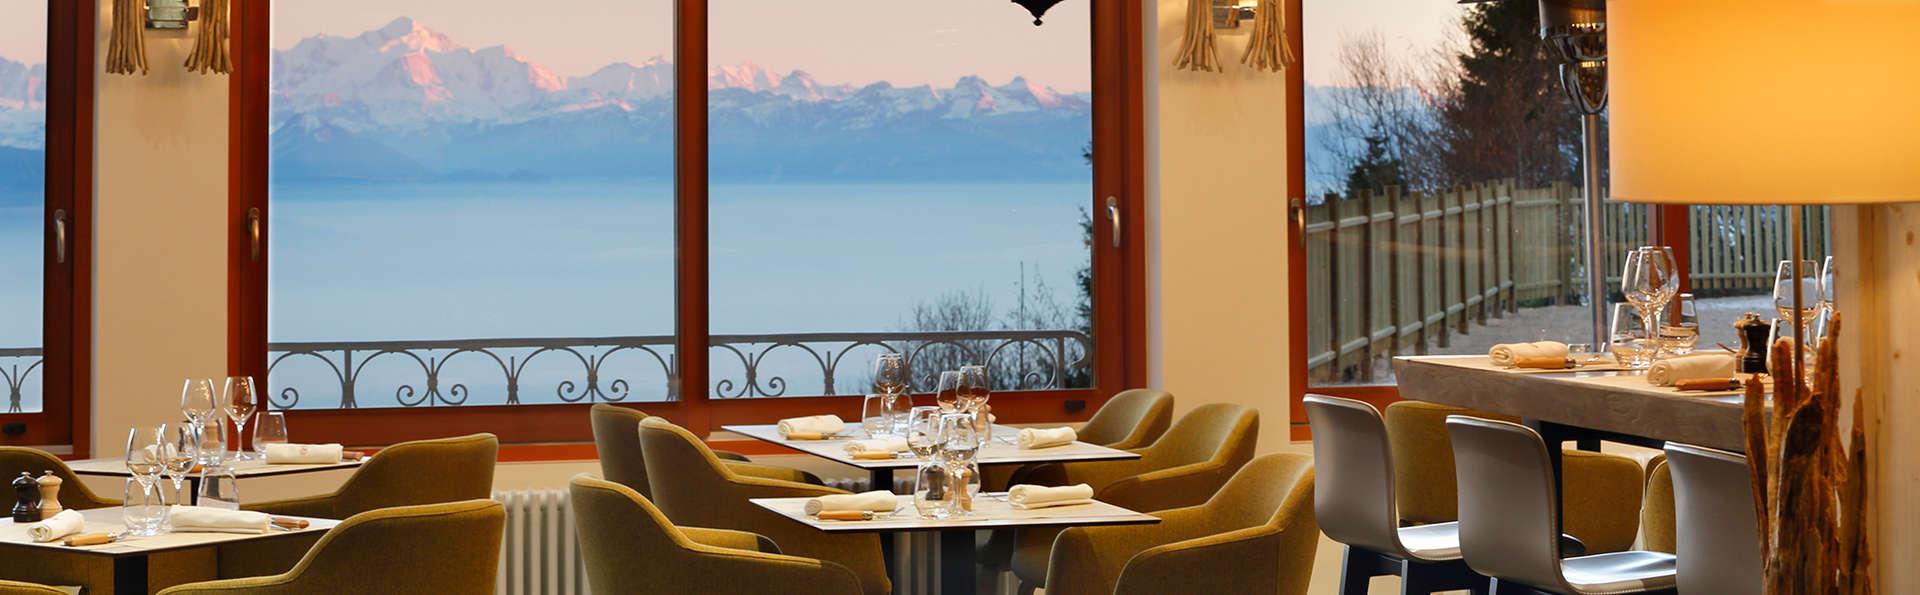 Voyage gustatif avec dîner dans un restaurant panoramique entourés par les montagnes du Jura